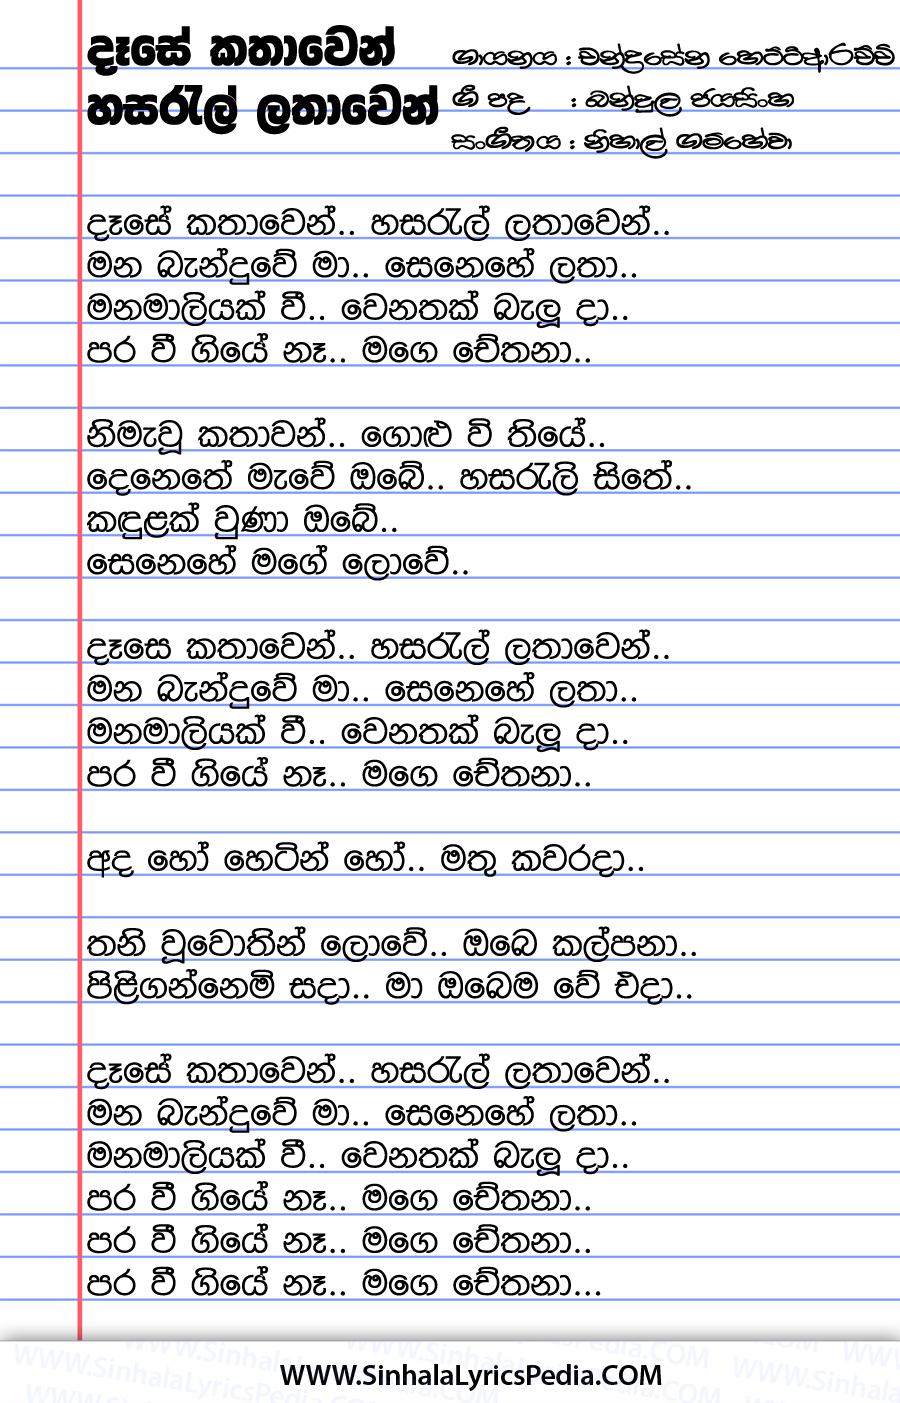 Dase Kathawen Song Lyrics